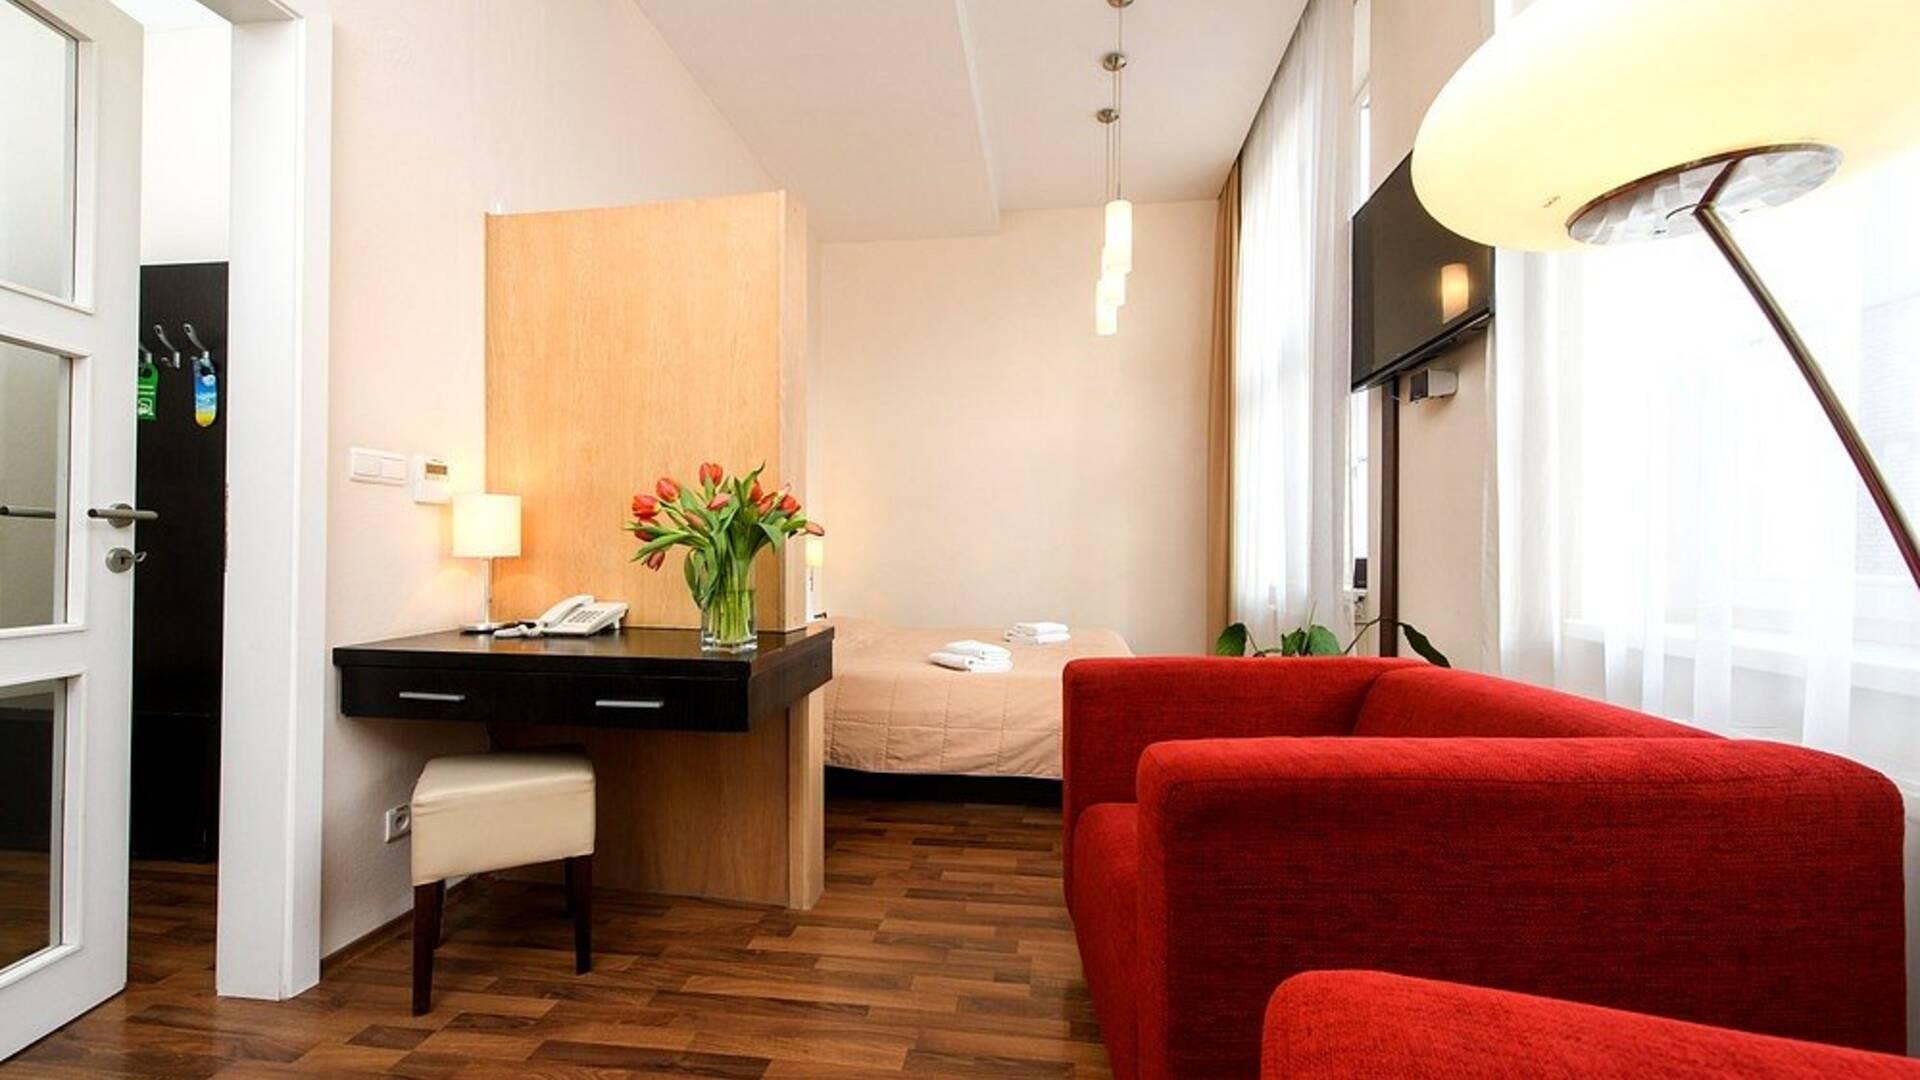 b48ac184a4a1 GRAND hotel